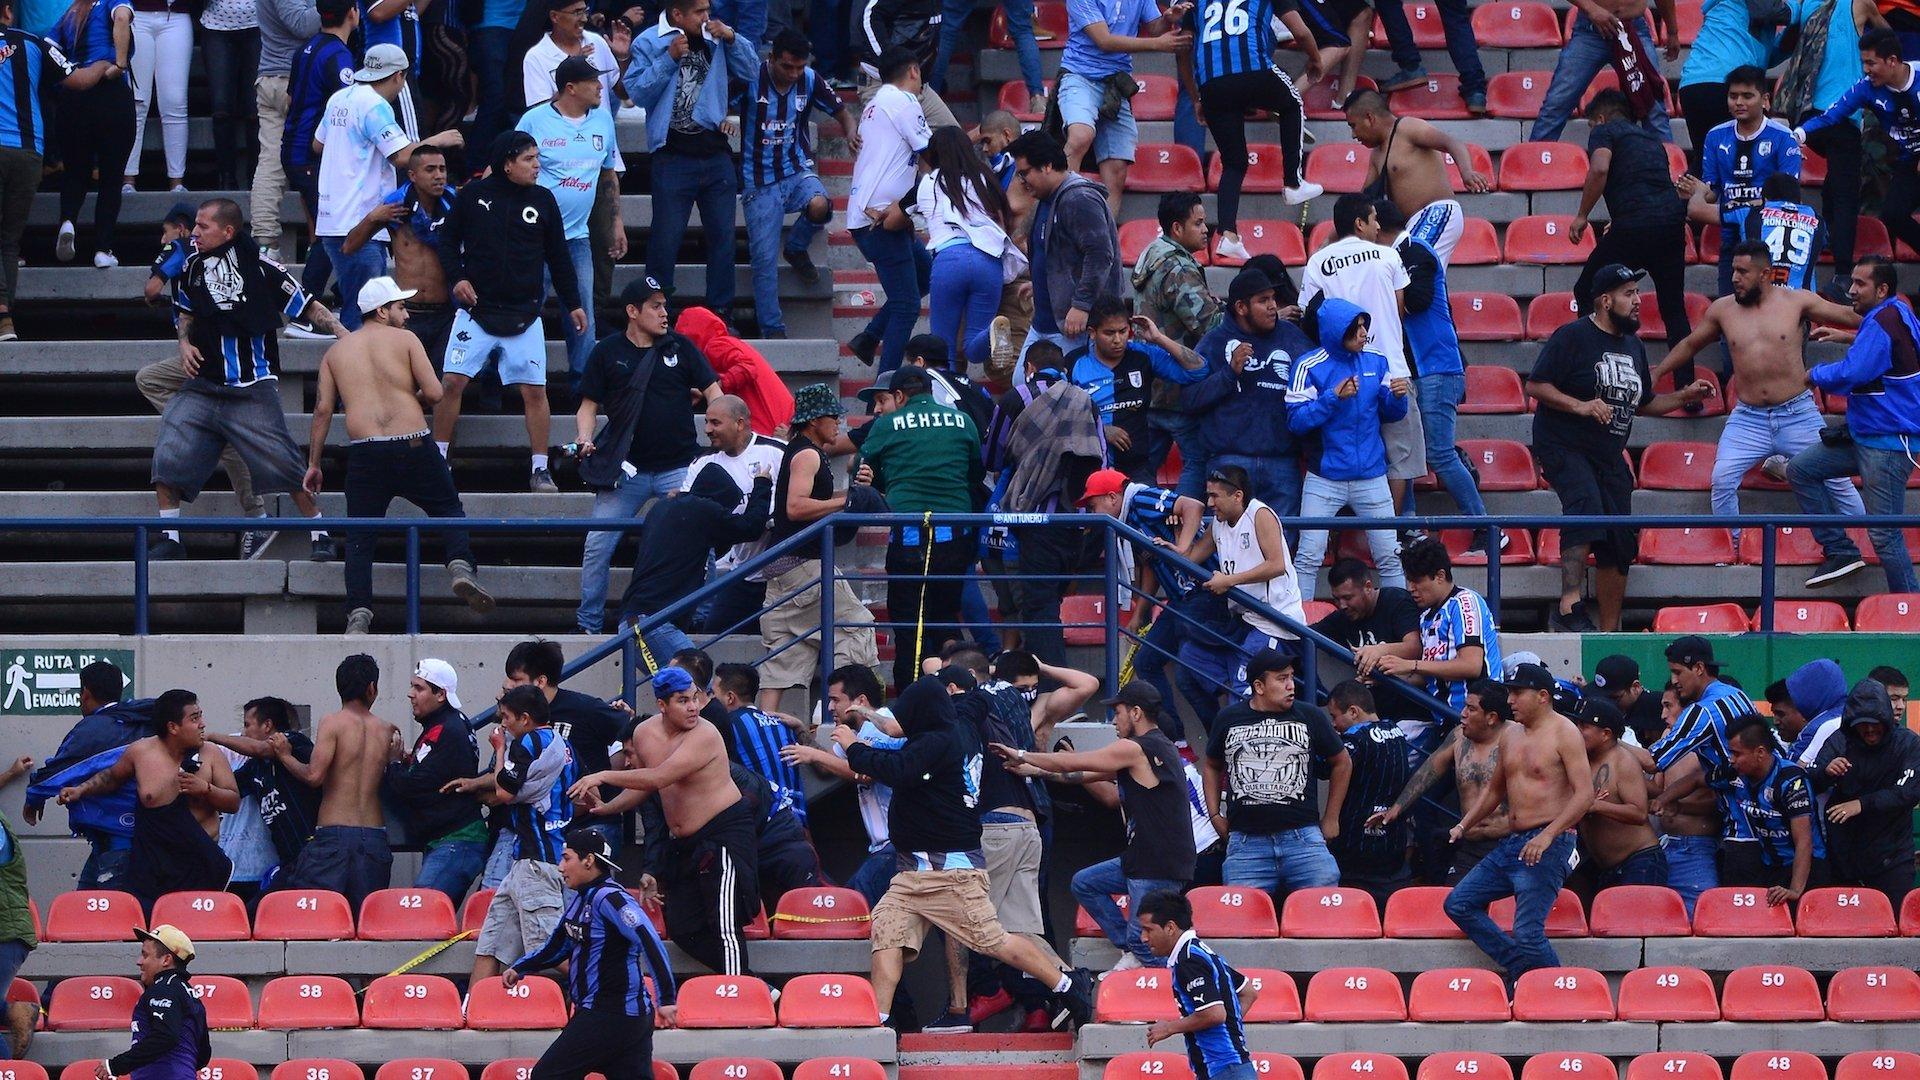 violencia en el futbol mexicano, San Luis, Querétaro